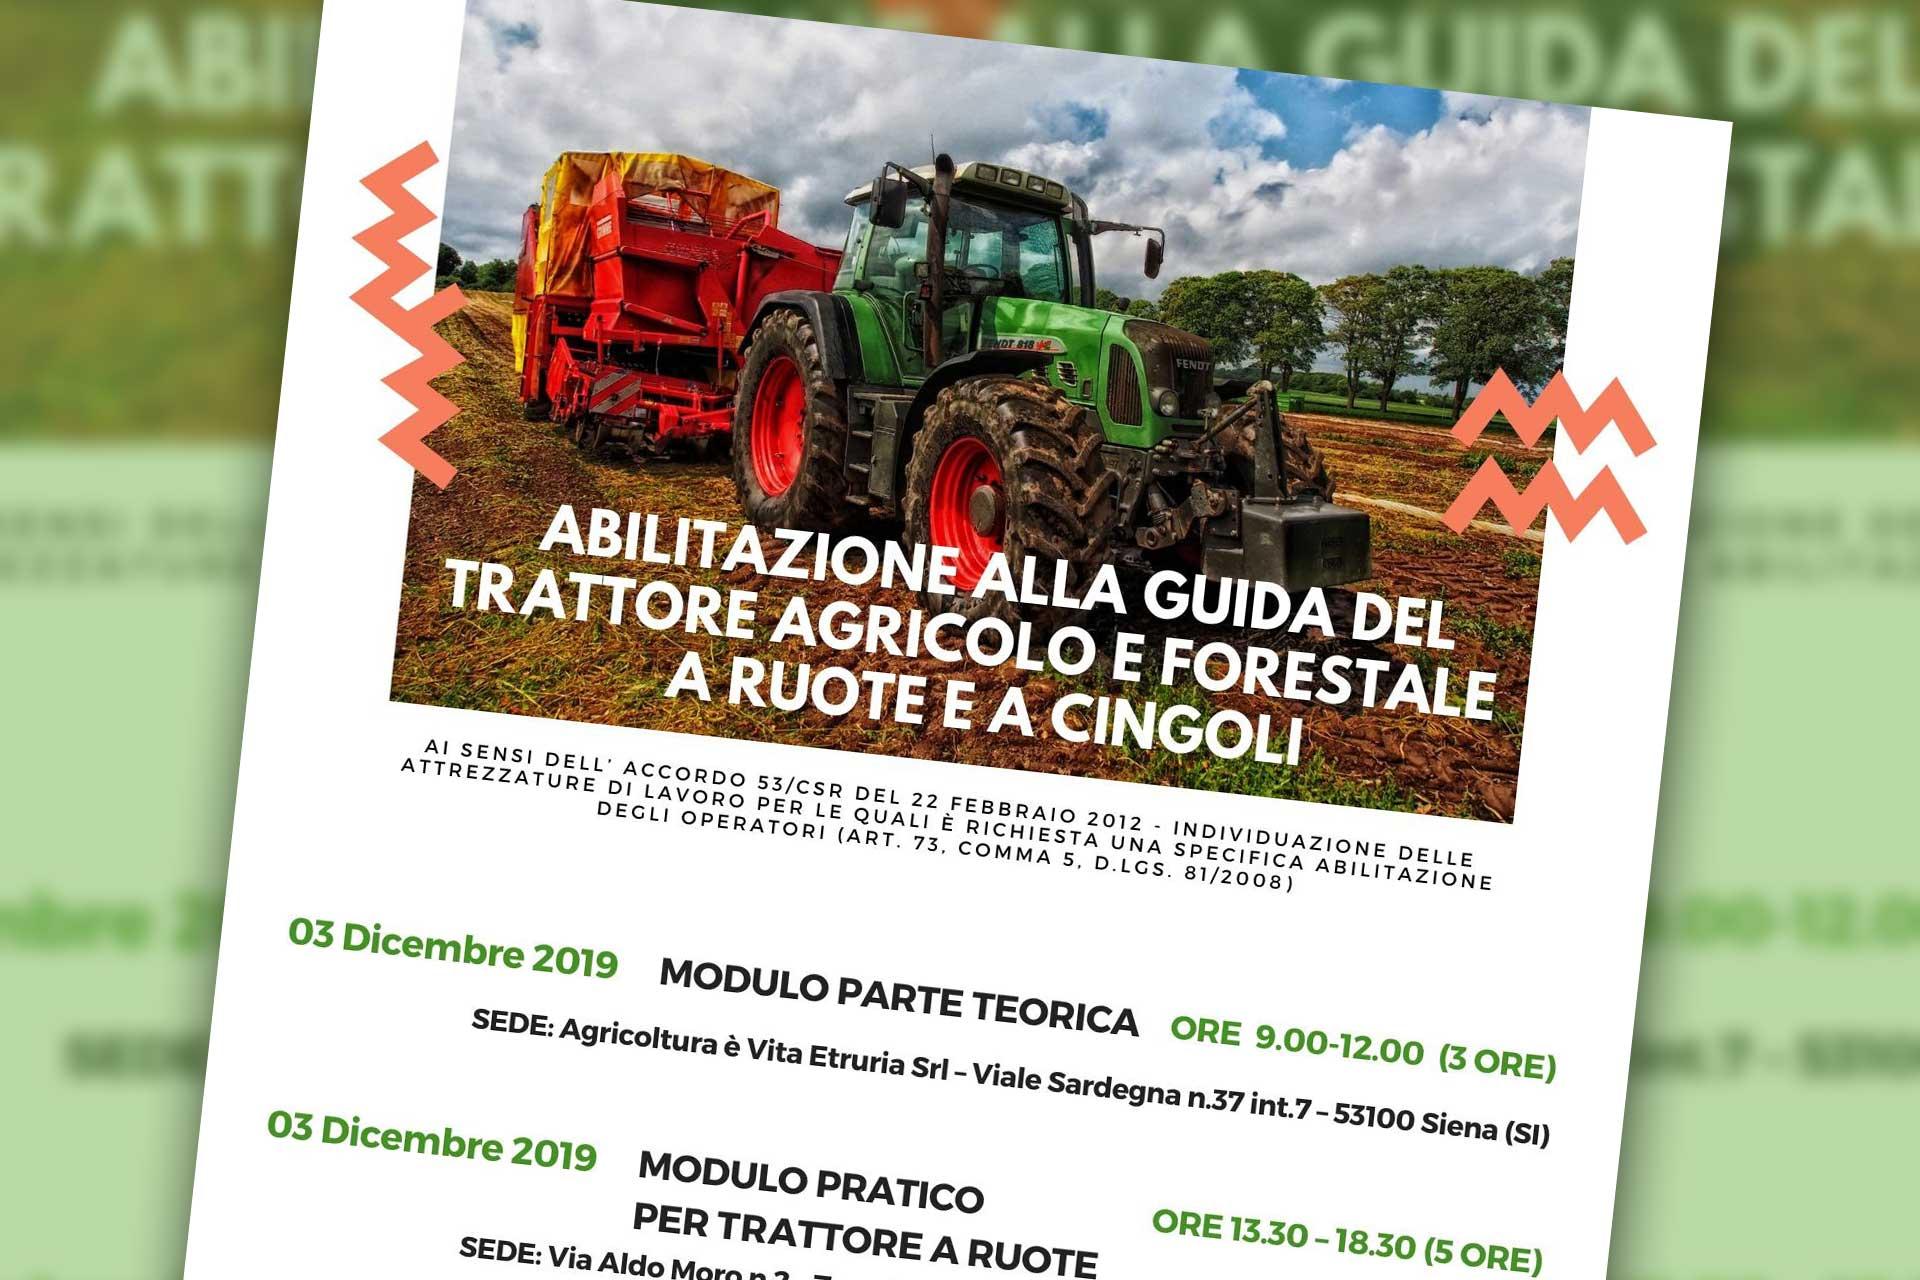 Siena. Nuovo corso per l'abilitazione alla guida del trattore da Agricoltura è Vita Etruria s.r.l.